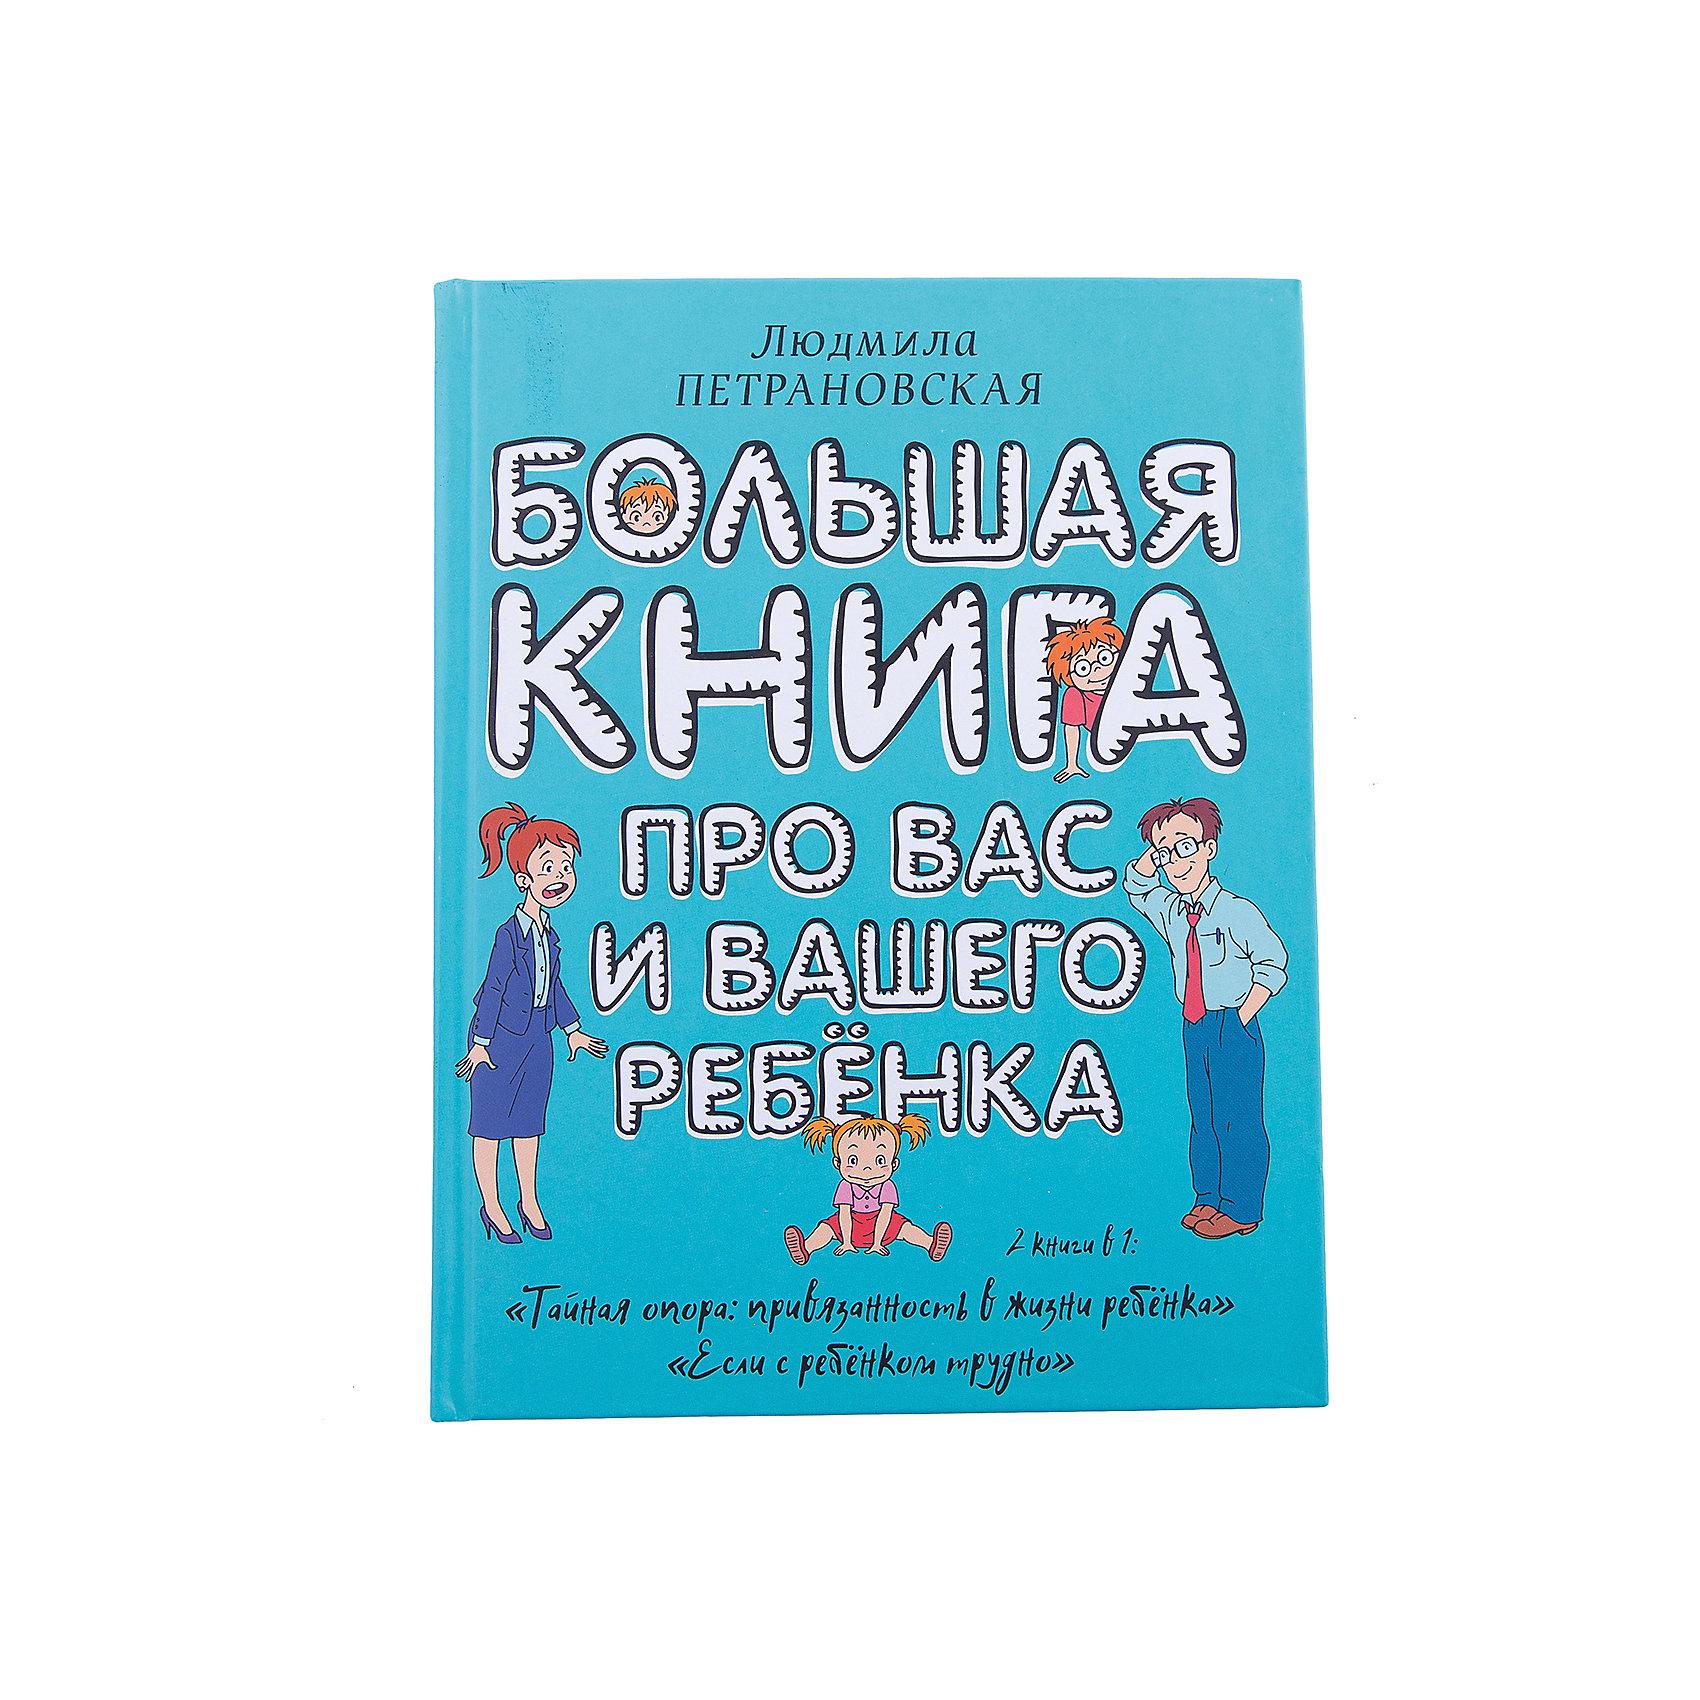 Большая книга про вас и вашего ребенка, Людмила ПетрановскаяКниги по педагогике<br>Эту книгу стоило бы прочесть всем родителям. И тем, кого заботит легкое недопонимание, и тем, кто уже было отчаялся найти общий язык с детьми. В ней мы собрали две книги в одной: «Тайная опора: привязанность в жизни ребенка» и «Если с ребенком трудно» - книги, которые могут избавить вас и вашего ребенка от тонн психологической макулатуры. <br>Нередко, став взрослыми, мы забываем, что некогда и сами были детьми. В первой части книги, основываясь на научной теории привязанности, она легко и доступно рассказывает о роли родителей на пути к взрослению: «Как зависимость и беспомощность превращаются в зрелость?» и  «Как наши любовь и забота год за годом формируют в ребенке тайную опору, на которой, как на стержне, держится его личность?»  Вы сможете увидеть, что на самом деле стоит за детскими «капризами», «избалованностью», «агрессией», «вредным характером».<br>Во второй части книги Людмила расскажет о том, как научиться ориентироваться в сложных ситуациях, решать конфликты и достойно выходить из них. Вы сможете понять, чем помочь своему ребенку, чтобы он рос и развивалс, не тратя силы на борьбу за вашу любовь.<br><br>Ширина мм: 210<br>Глубина мм: 162<br>Высота мм: 180<br>Вес г: 560<br>Возраст от месяцев: 216<br>Возраст до месяцев: 2147483647<br>Пол: Унисекс<br>Возраст: Детский<br>SKU: 6848243